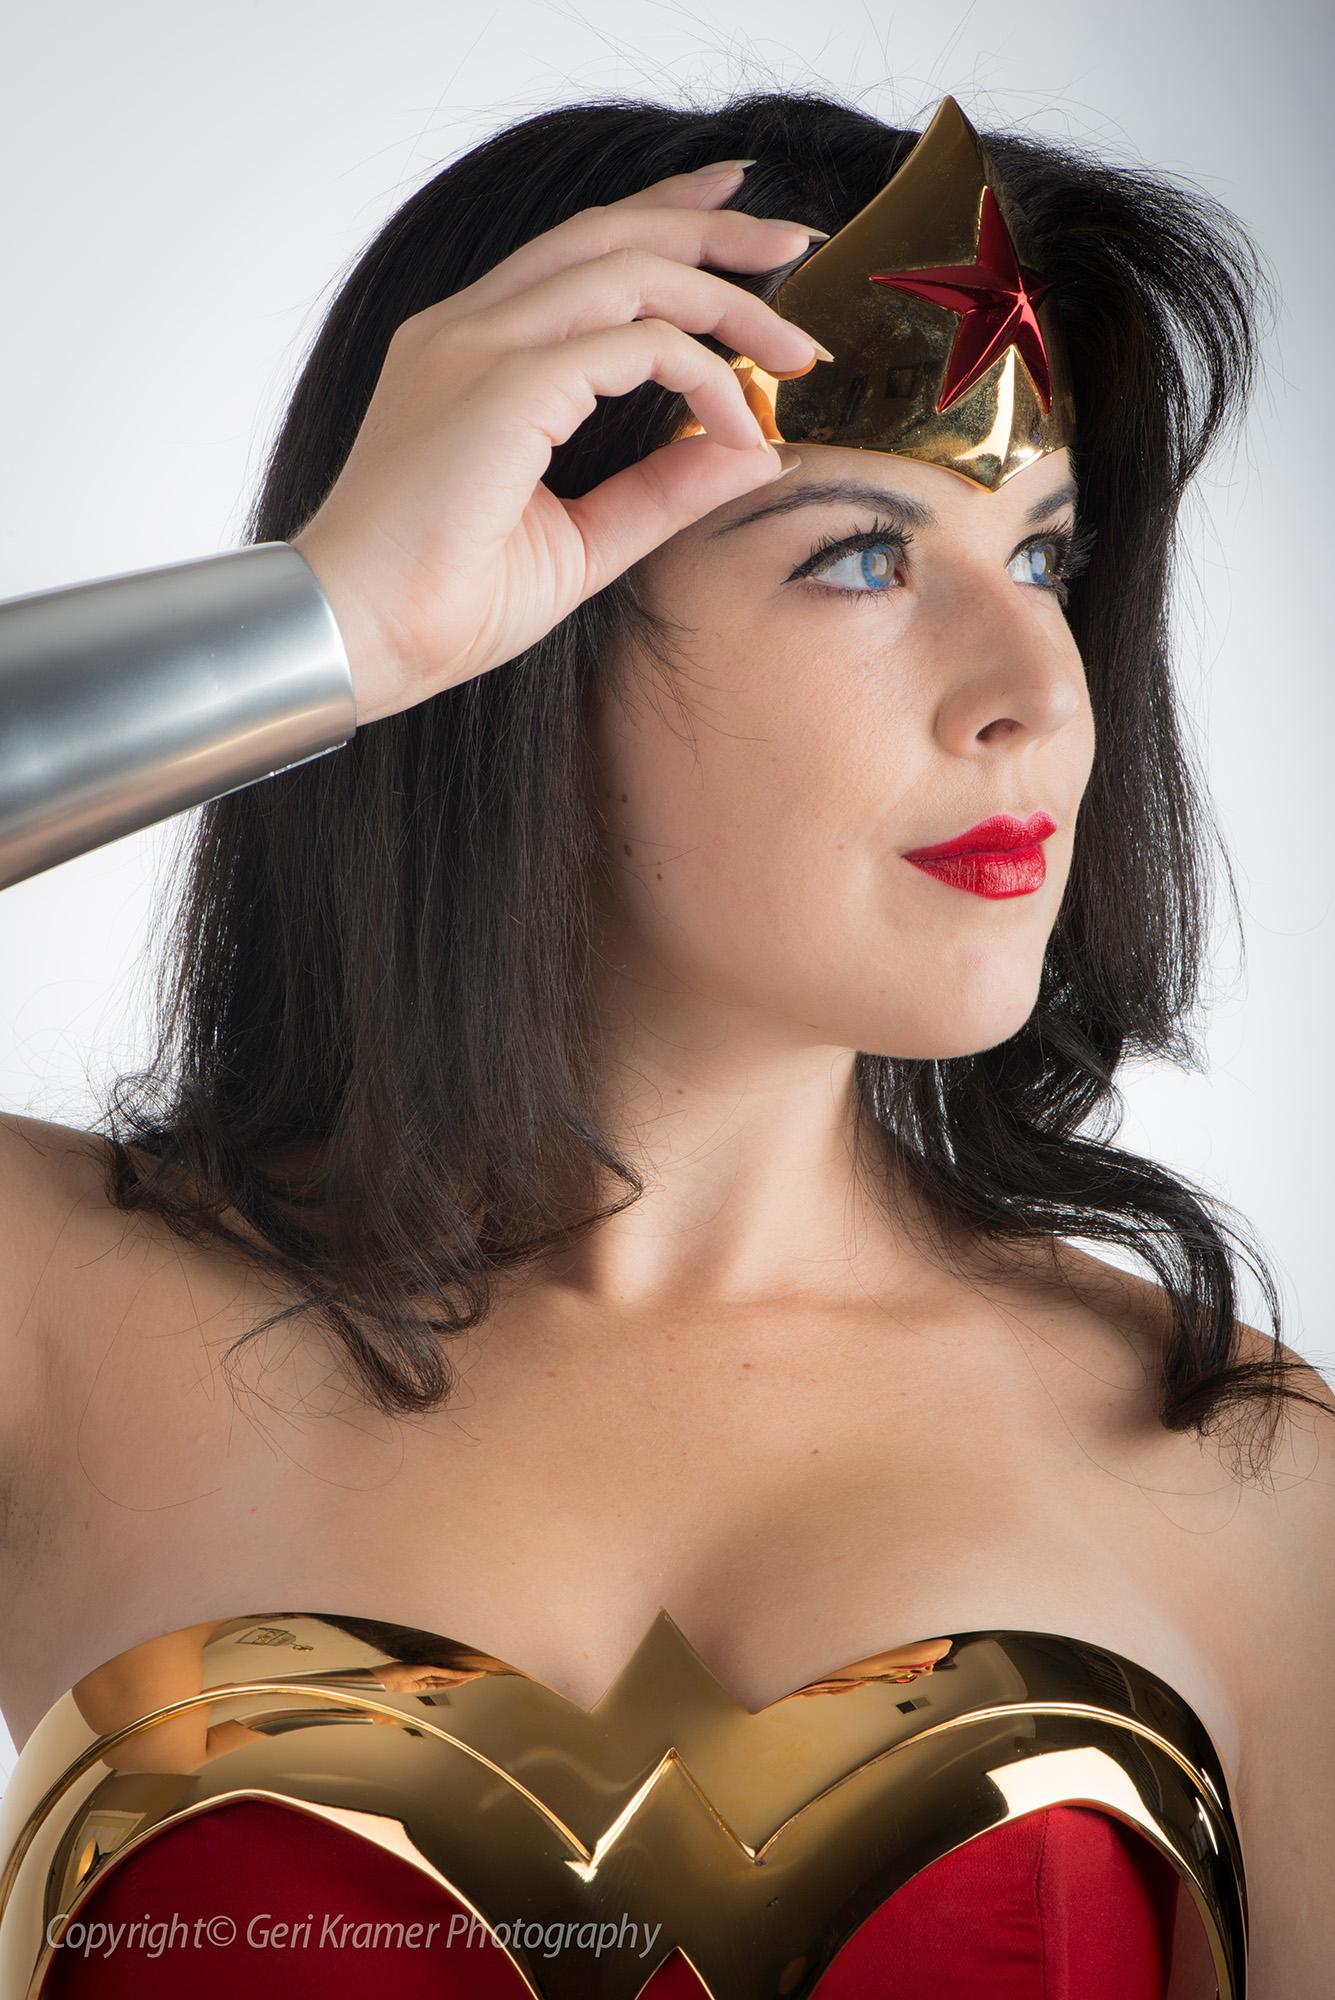 Wonder_Woman-Geri_Kramer (9)